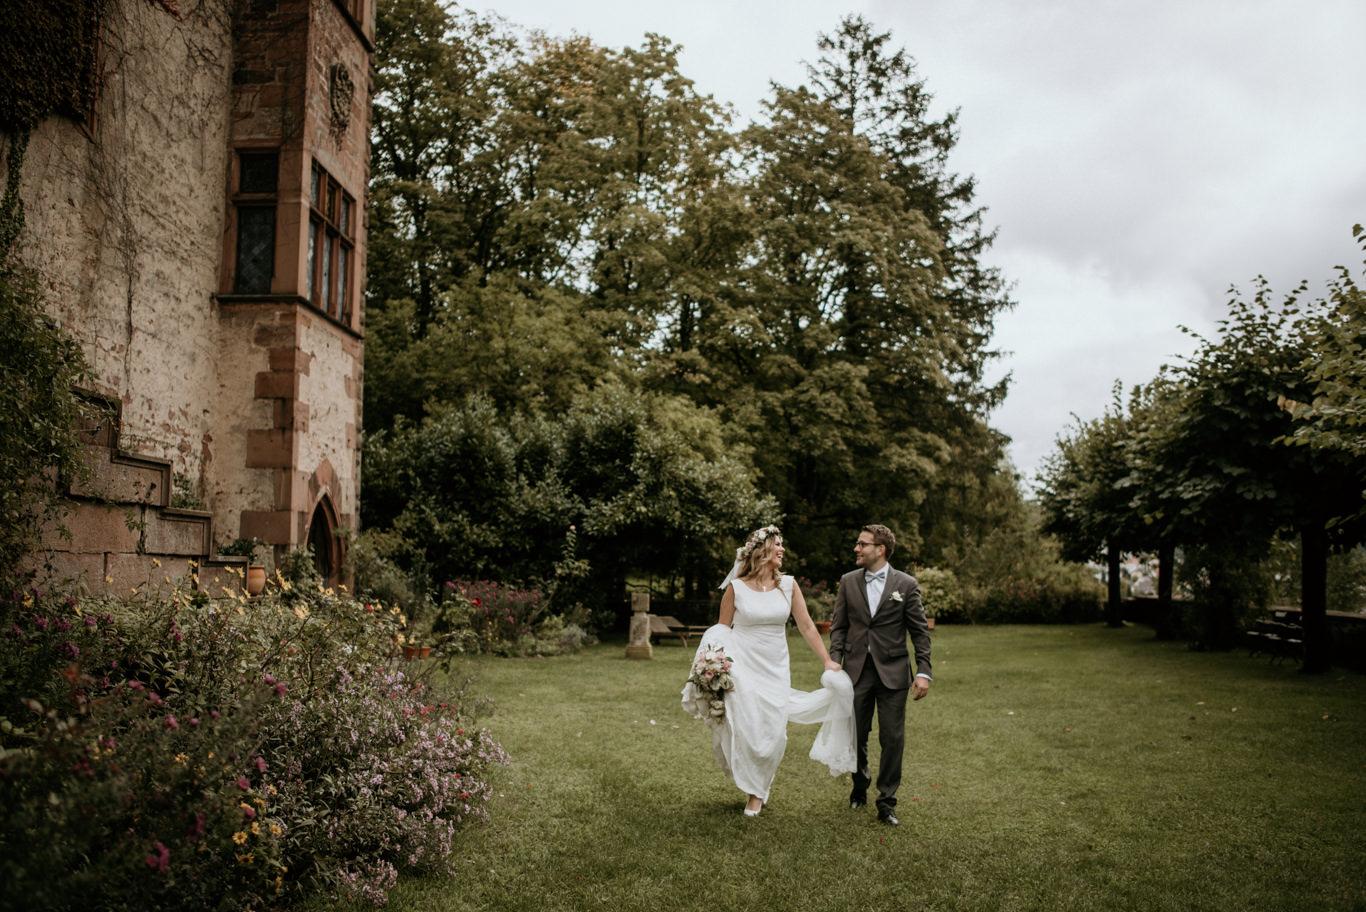 Hochzeitsfotograf Mittelburg Neckarsteinach Hochzeitsfotos Fotograf Hochzeit Wedding Hoher Darsberg Bilder Fotos Hochzeitsfotografin